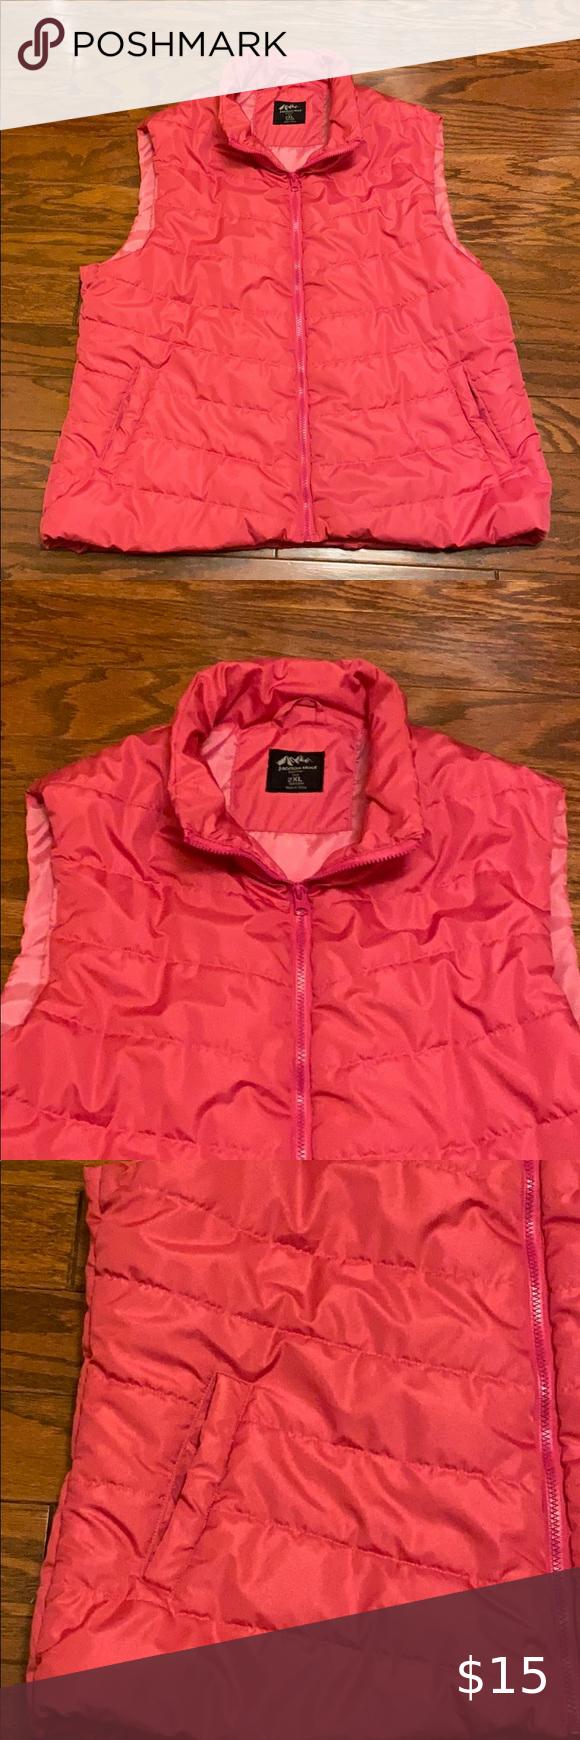 Jackson Hole Outerwear Vest Outerwear Outerwear Vest Jackson Hole [ 1740 x 580 Pixel ]